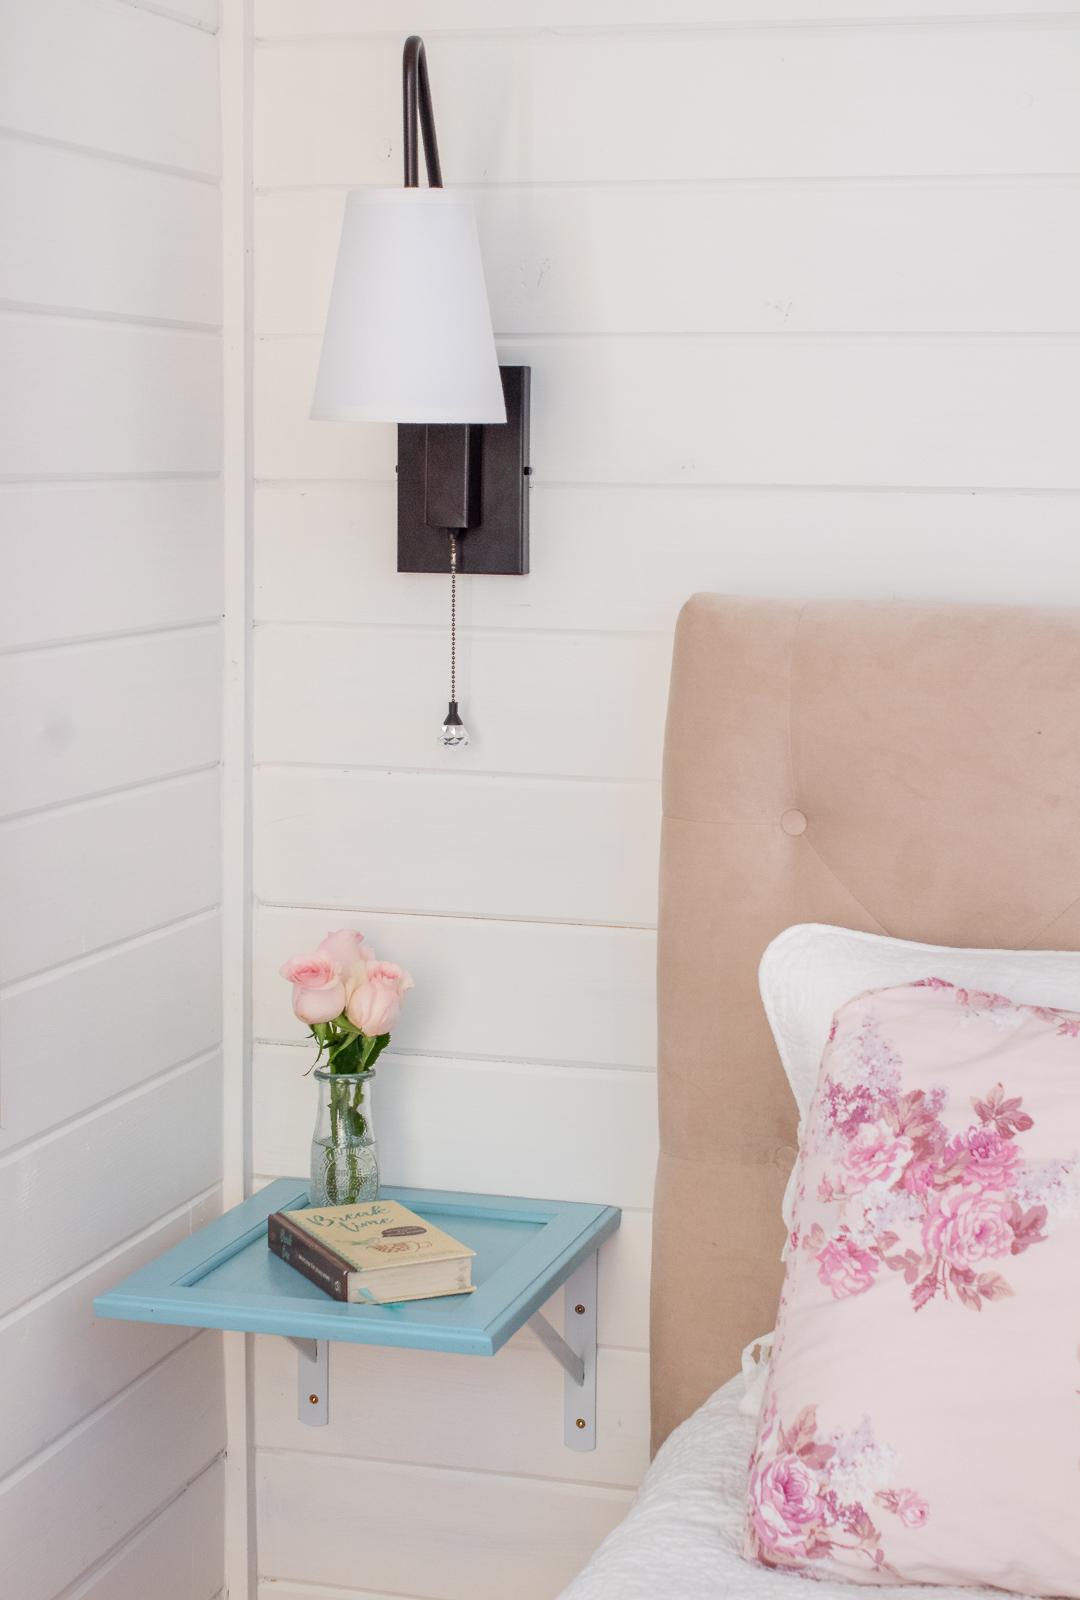 DIY floating nightstand ideas